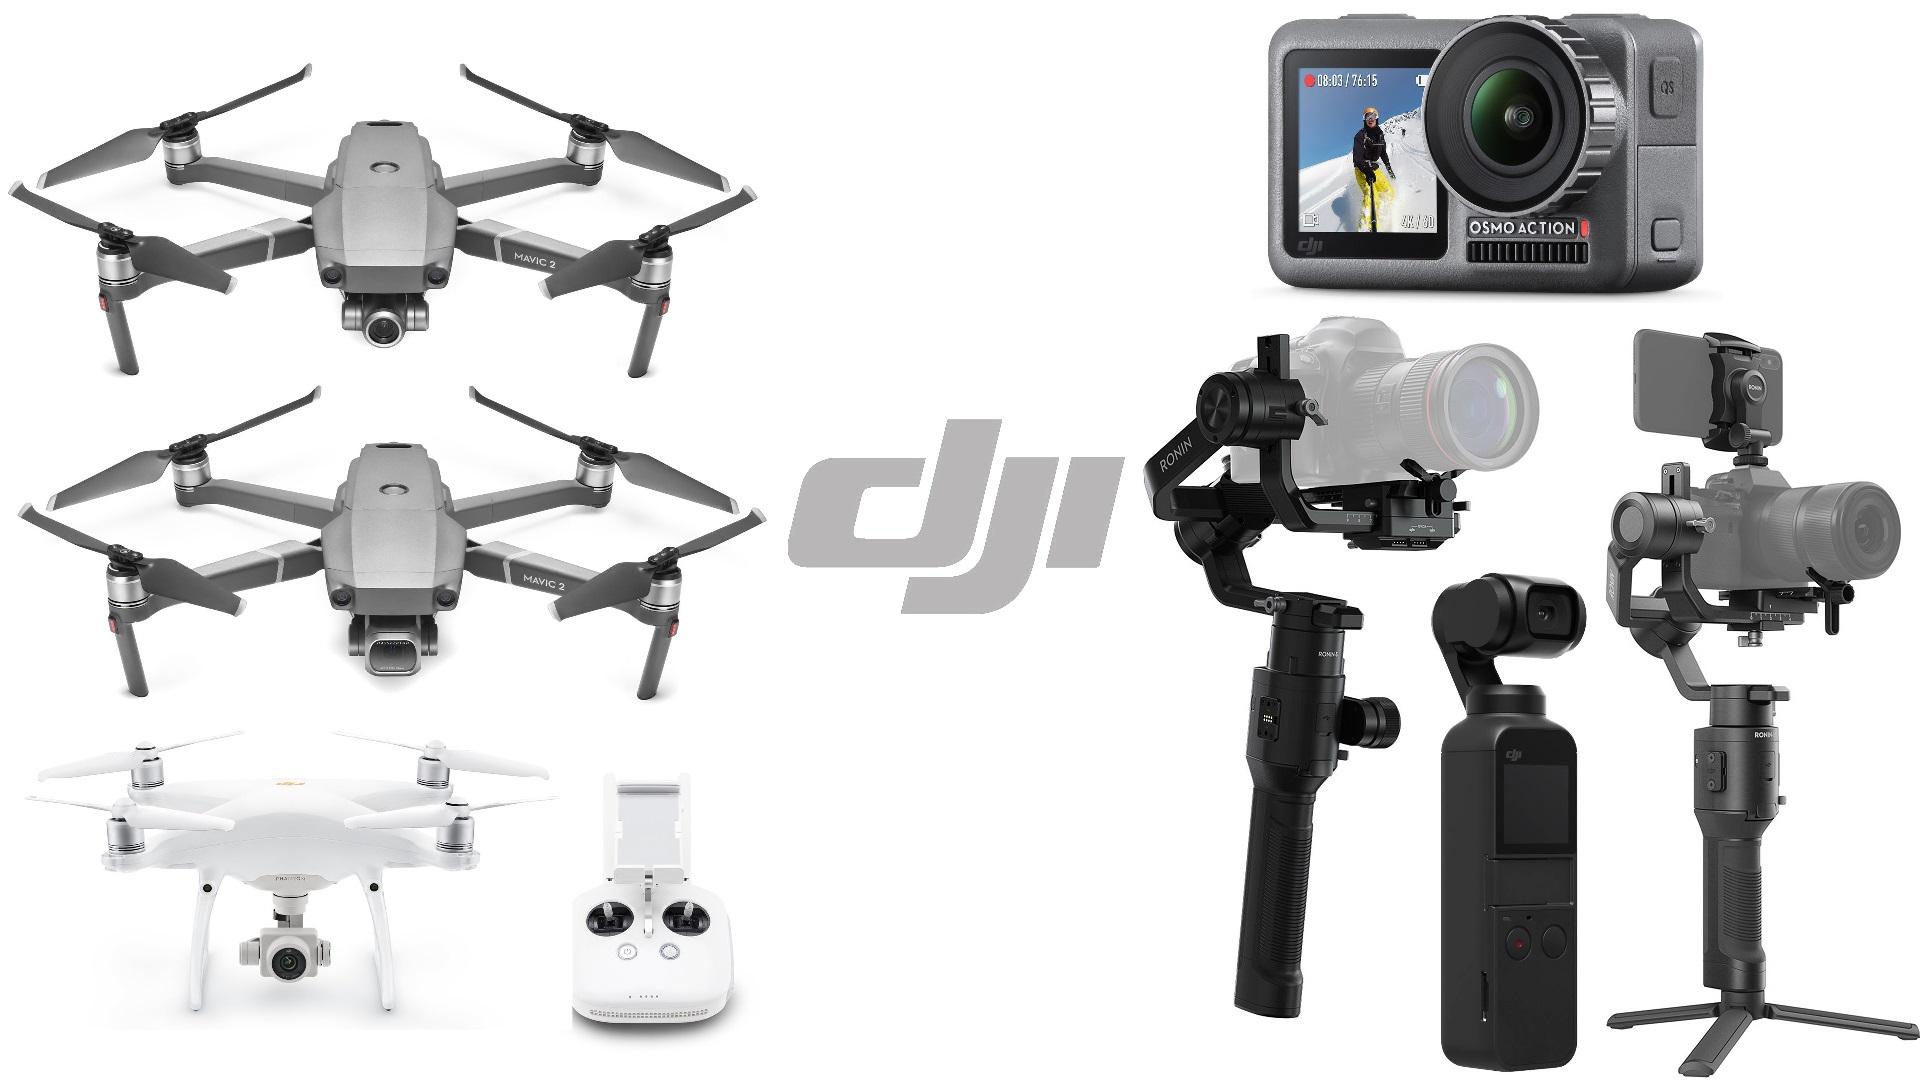 Oferta de DJI en B&H: ahorra hasta $239 en drones y gimbals seleccionados utilizando el código promocional